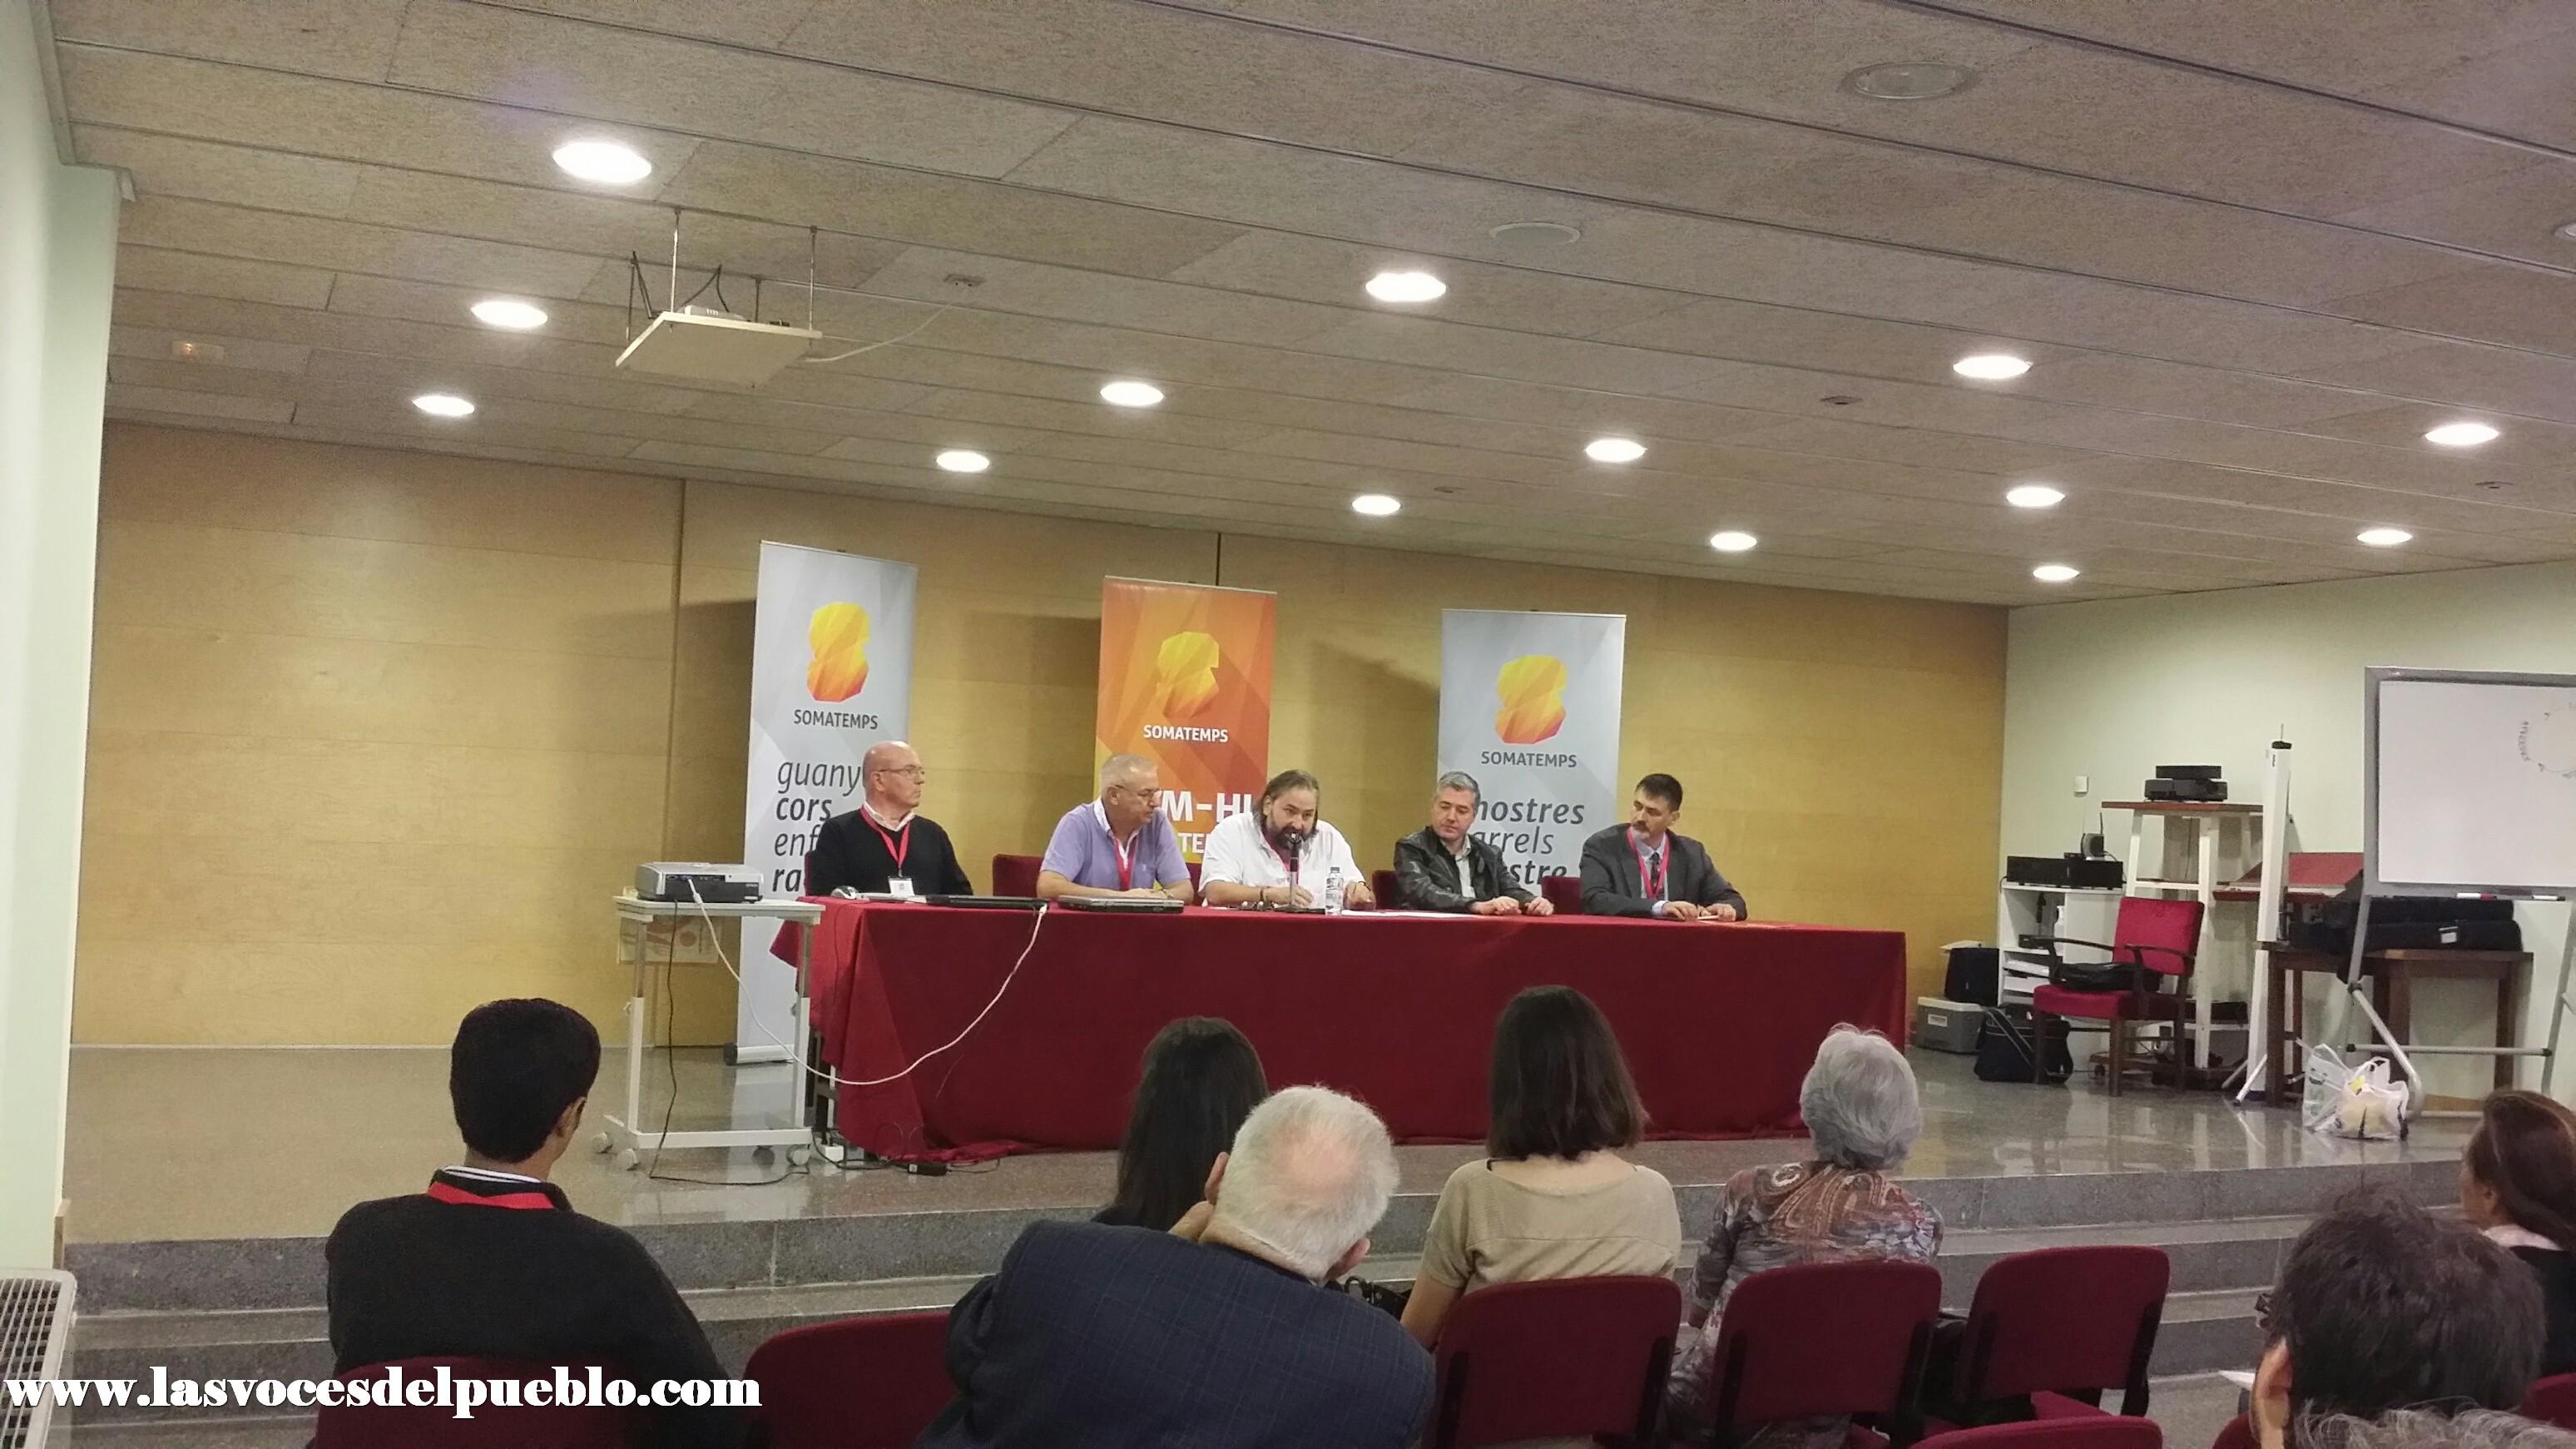 las voces del pueblo_I Congreso de Somatemps_Ripoll_Gerona (211)